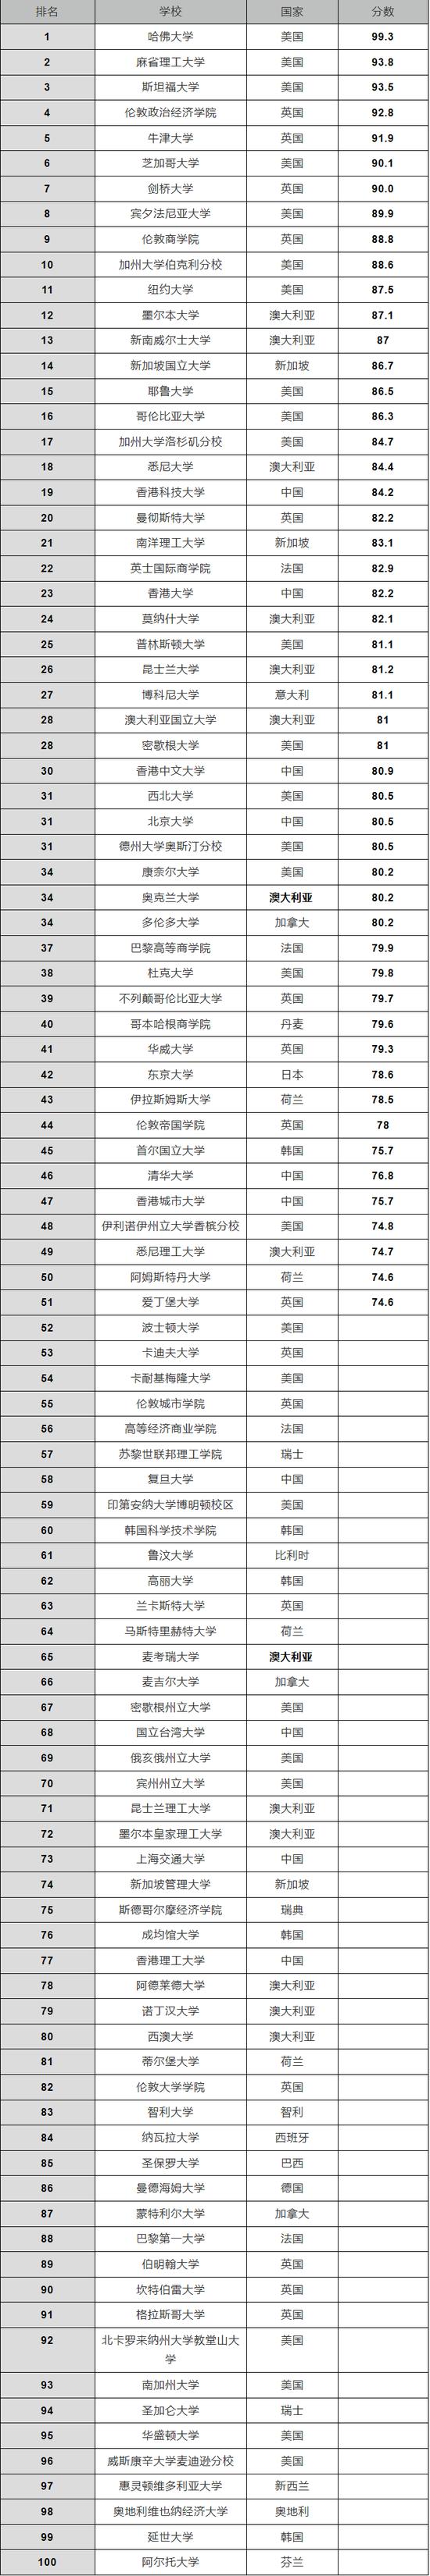 qs世界大学会计与金融排名